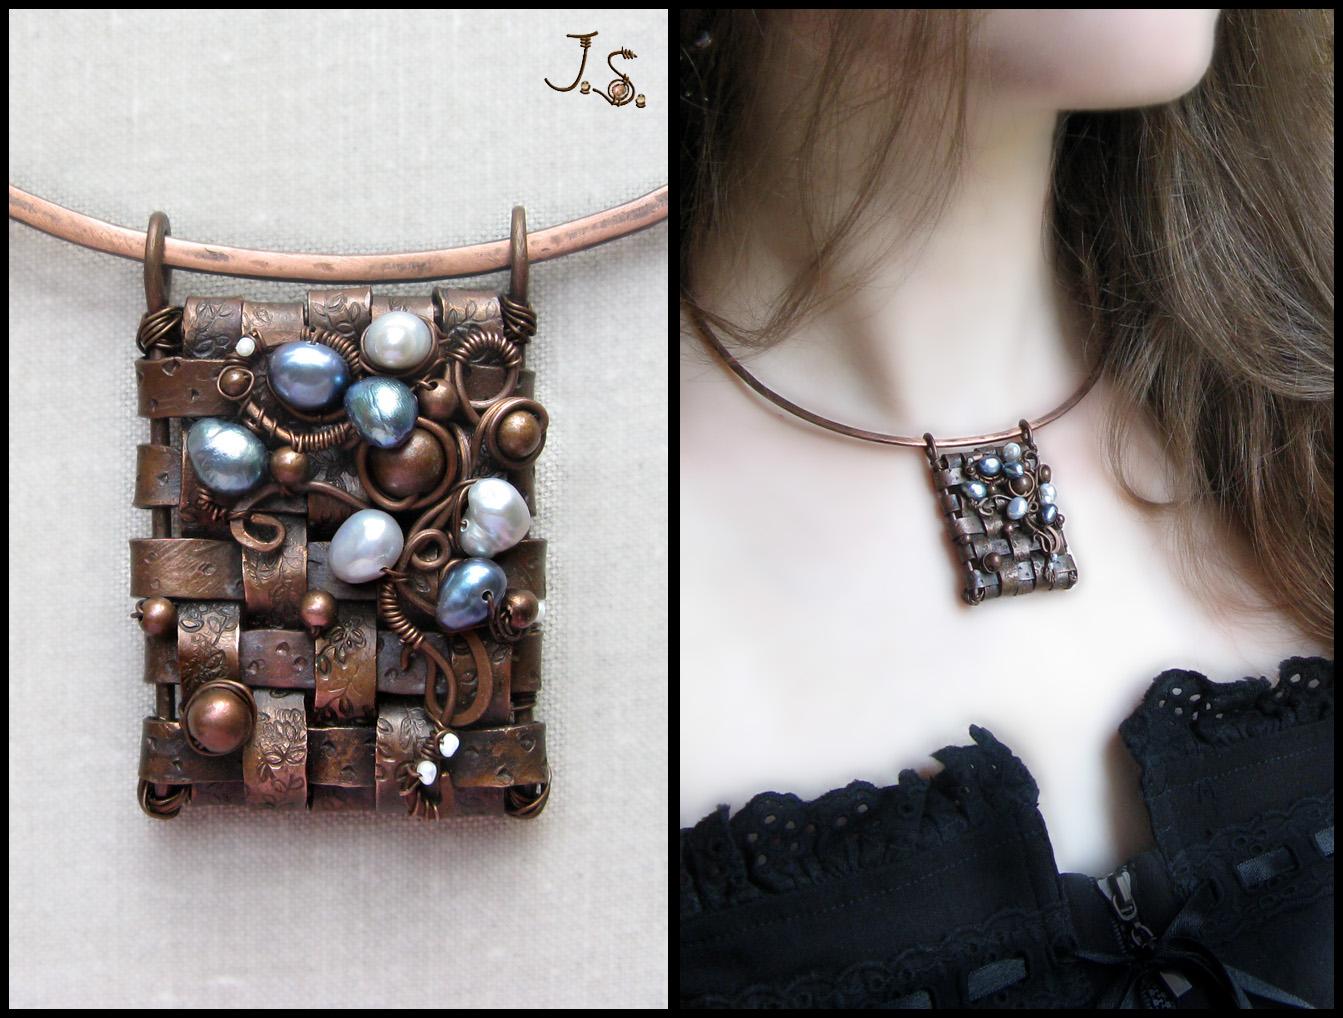 Snejniy plen pendant by JSjewelry